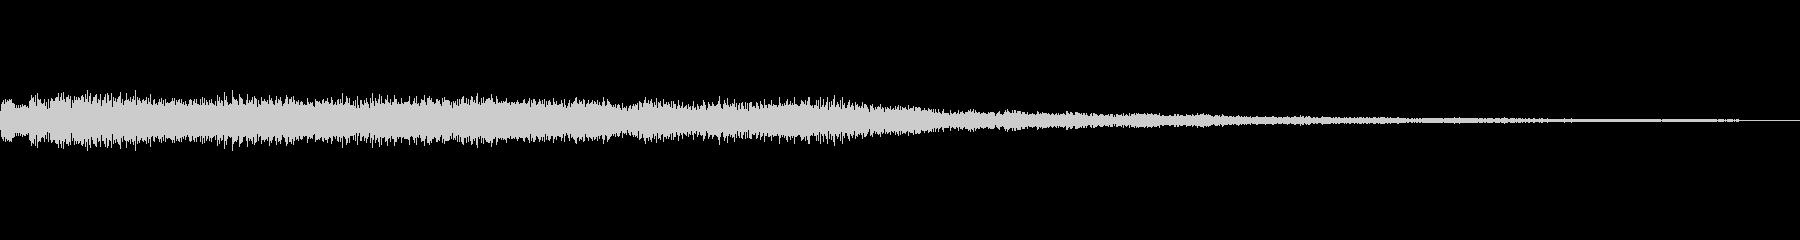 明るいベルのジングルの未再生の波形